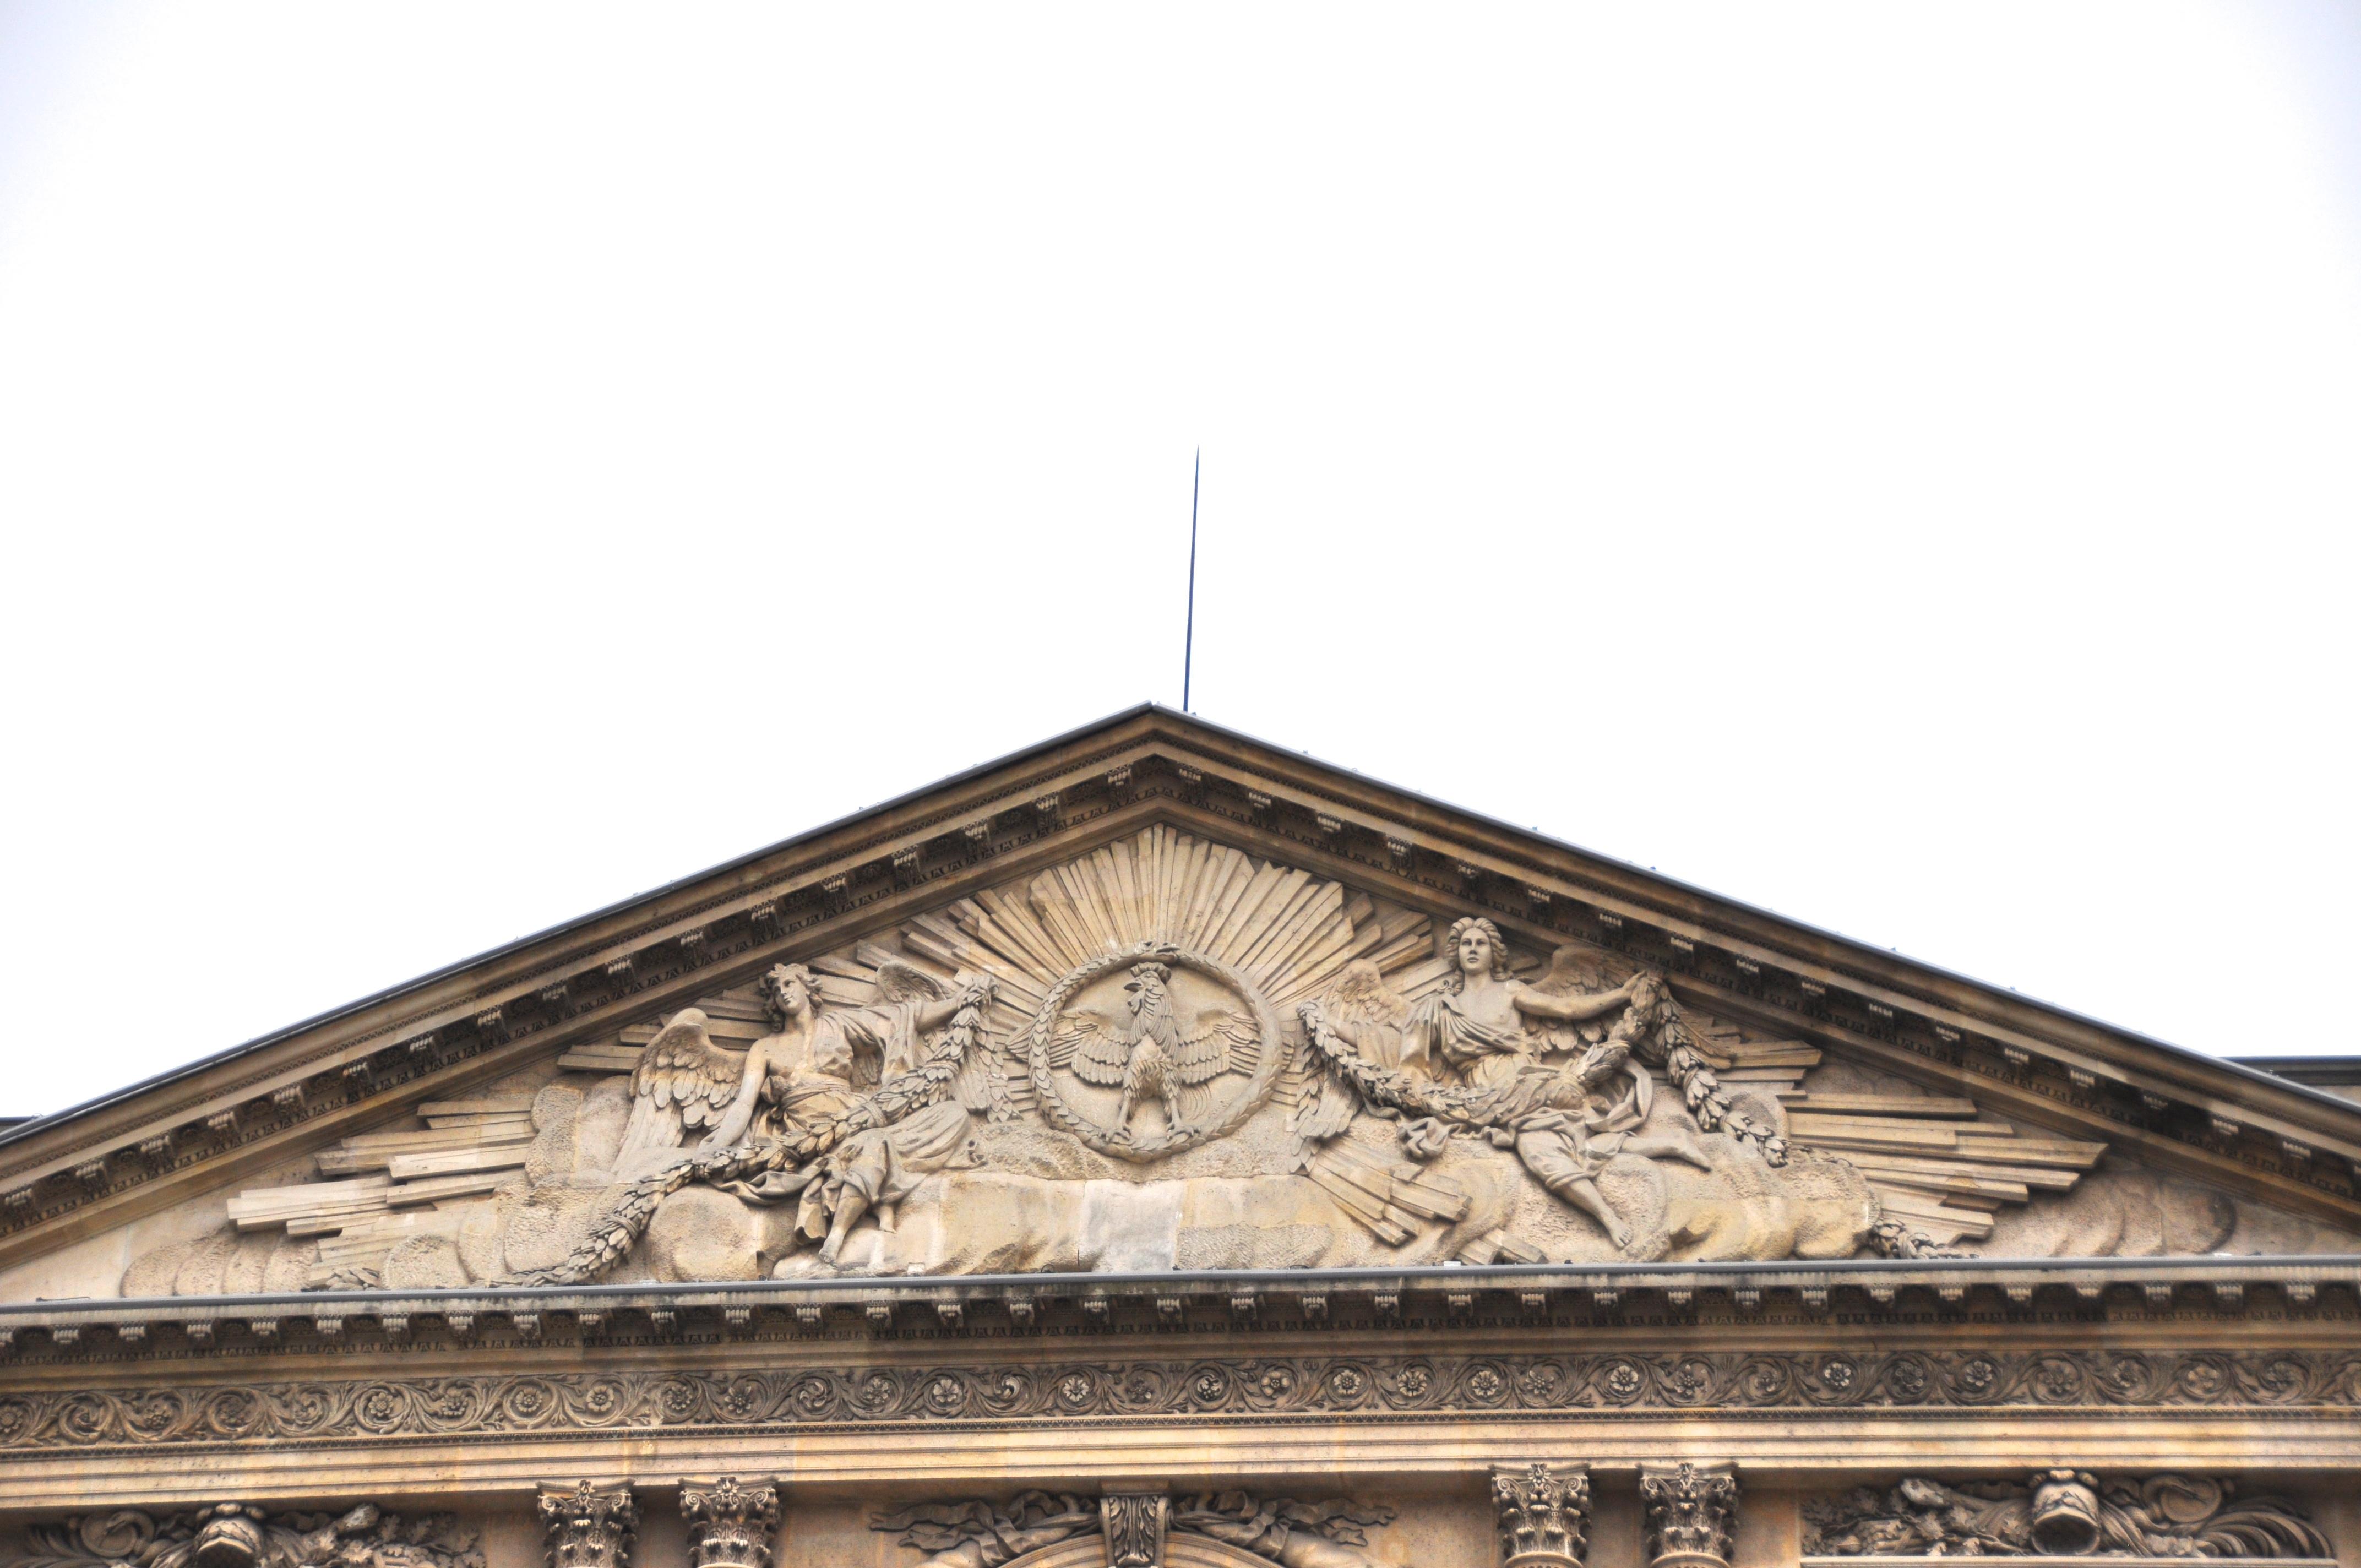 Le fronton de la façade orientale de la Cour Carrée, Le Louvre, Paris